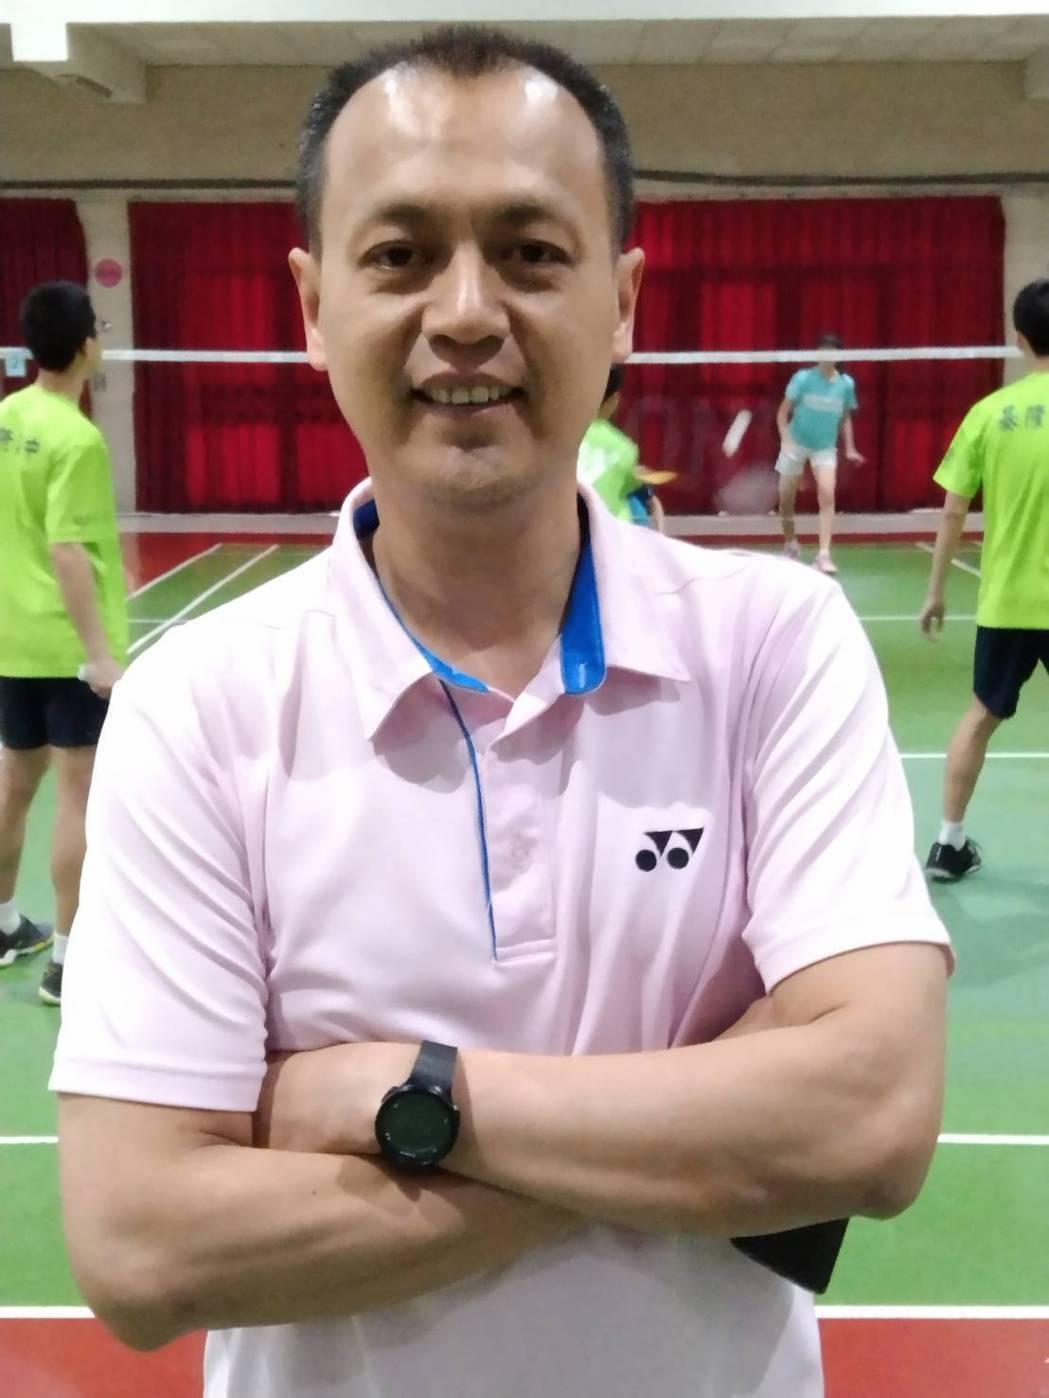 基隆高中羽球教練鄭永成。圖/聯合報系資料照片